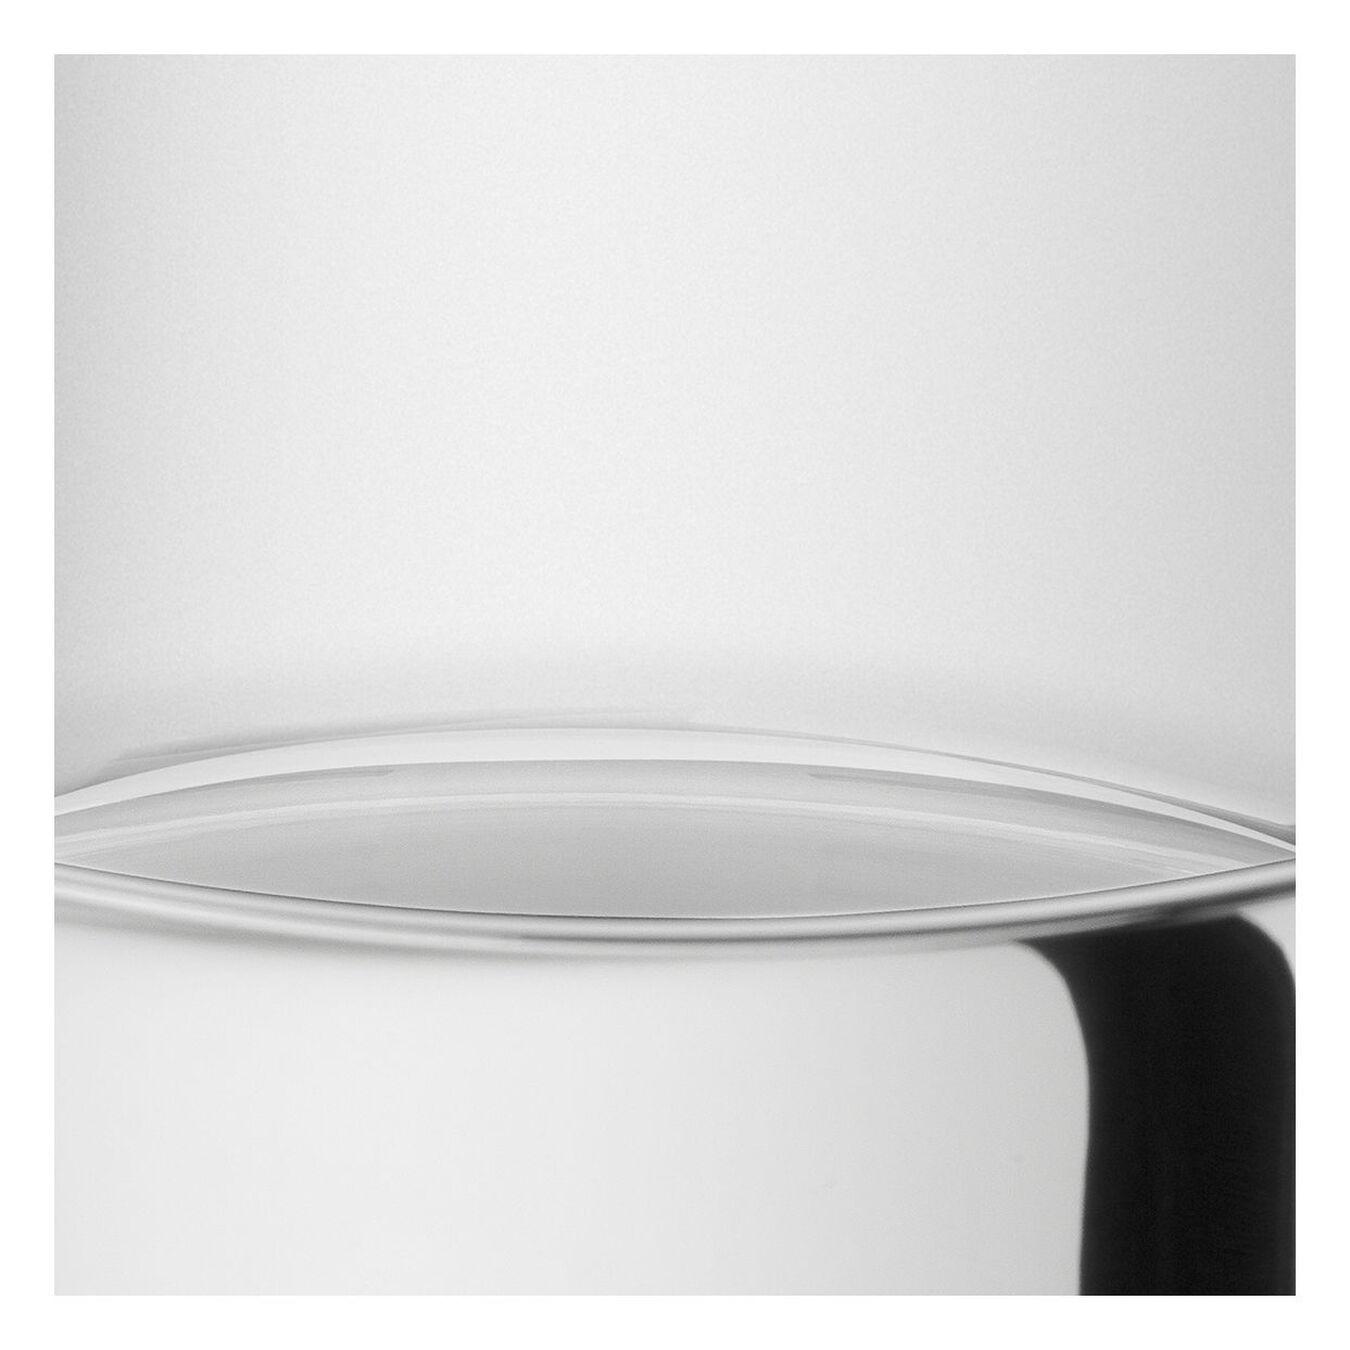 Pentola alta - 24 cm, 18/10 Acciaio inossidabile,,large 2